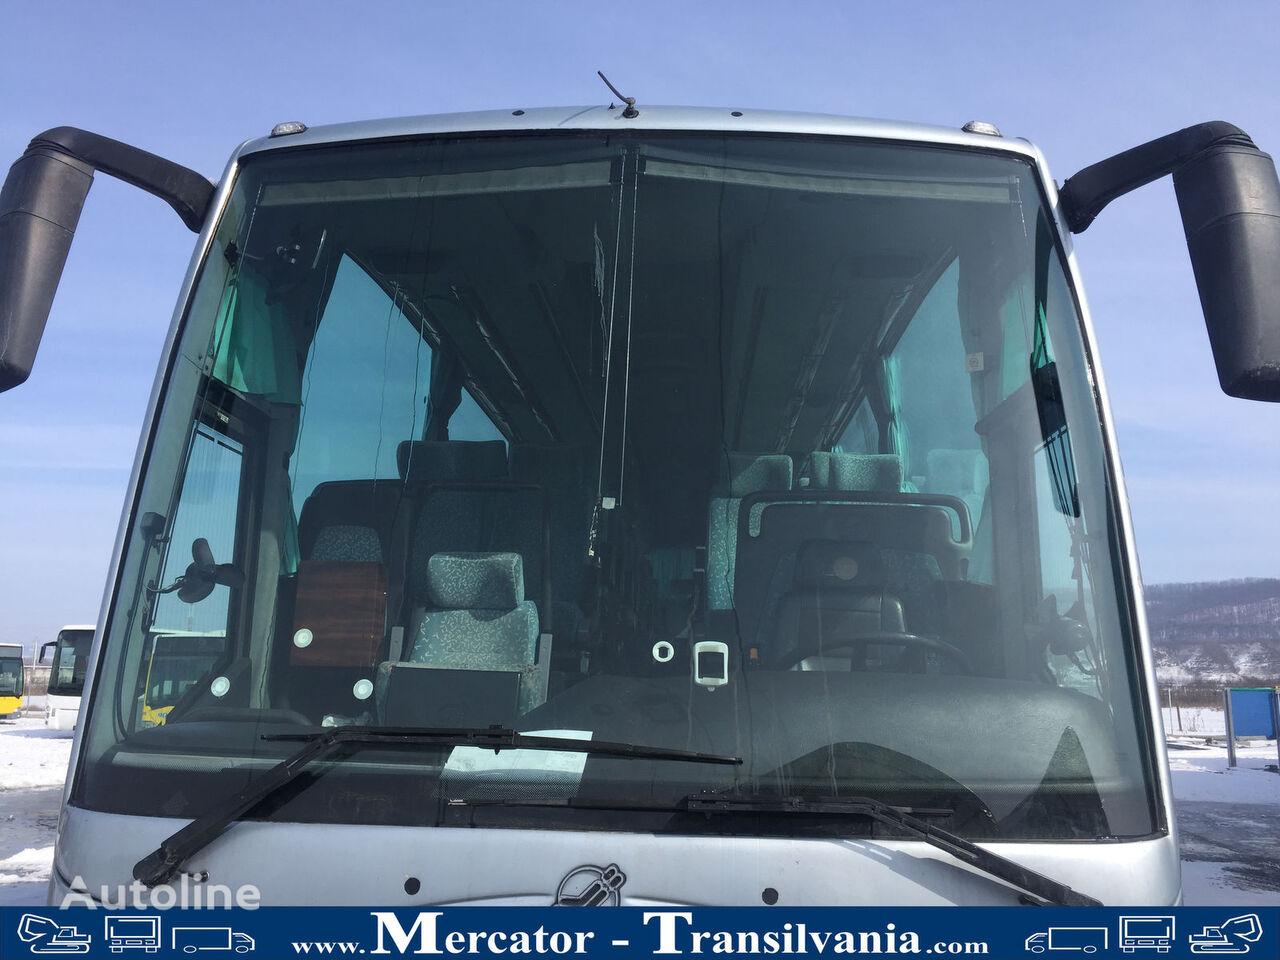 geam auto Frontscheibe - pentru autobuz SCANIA Irizar în bucăți